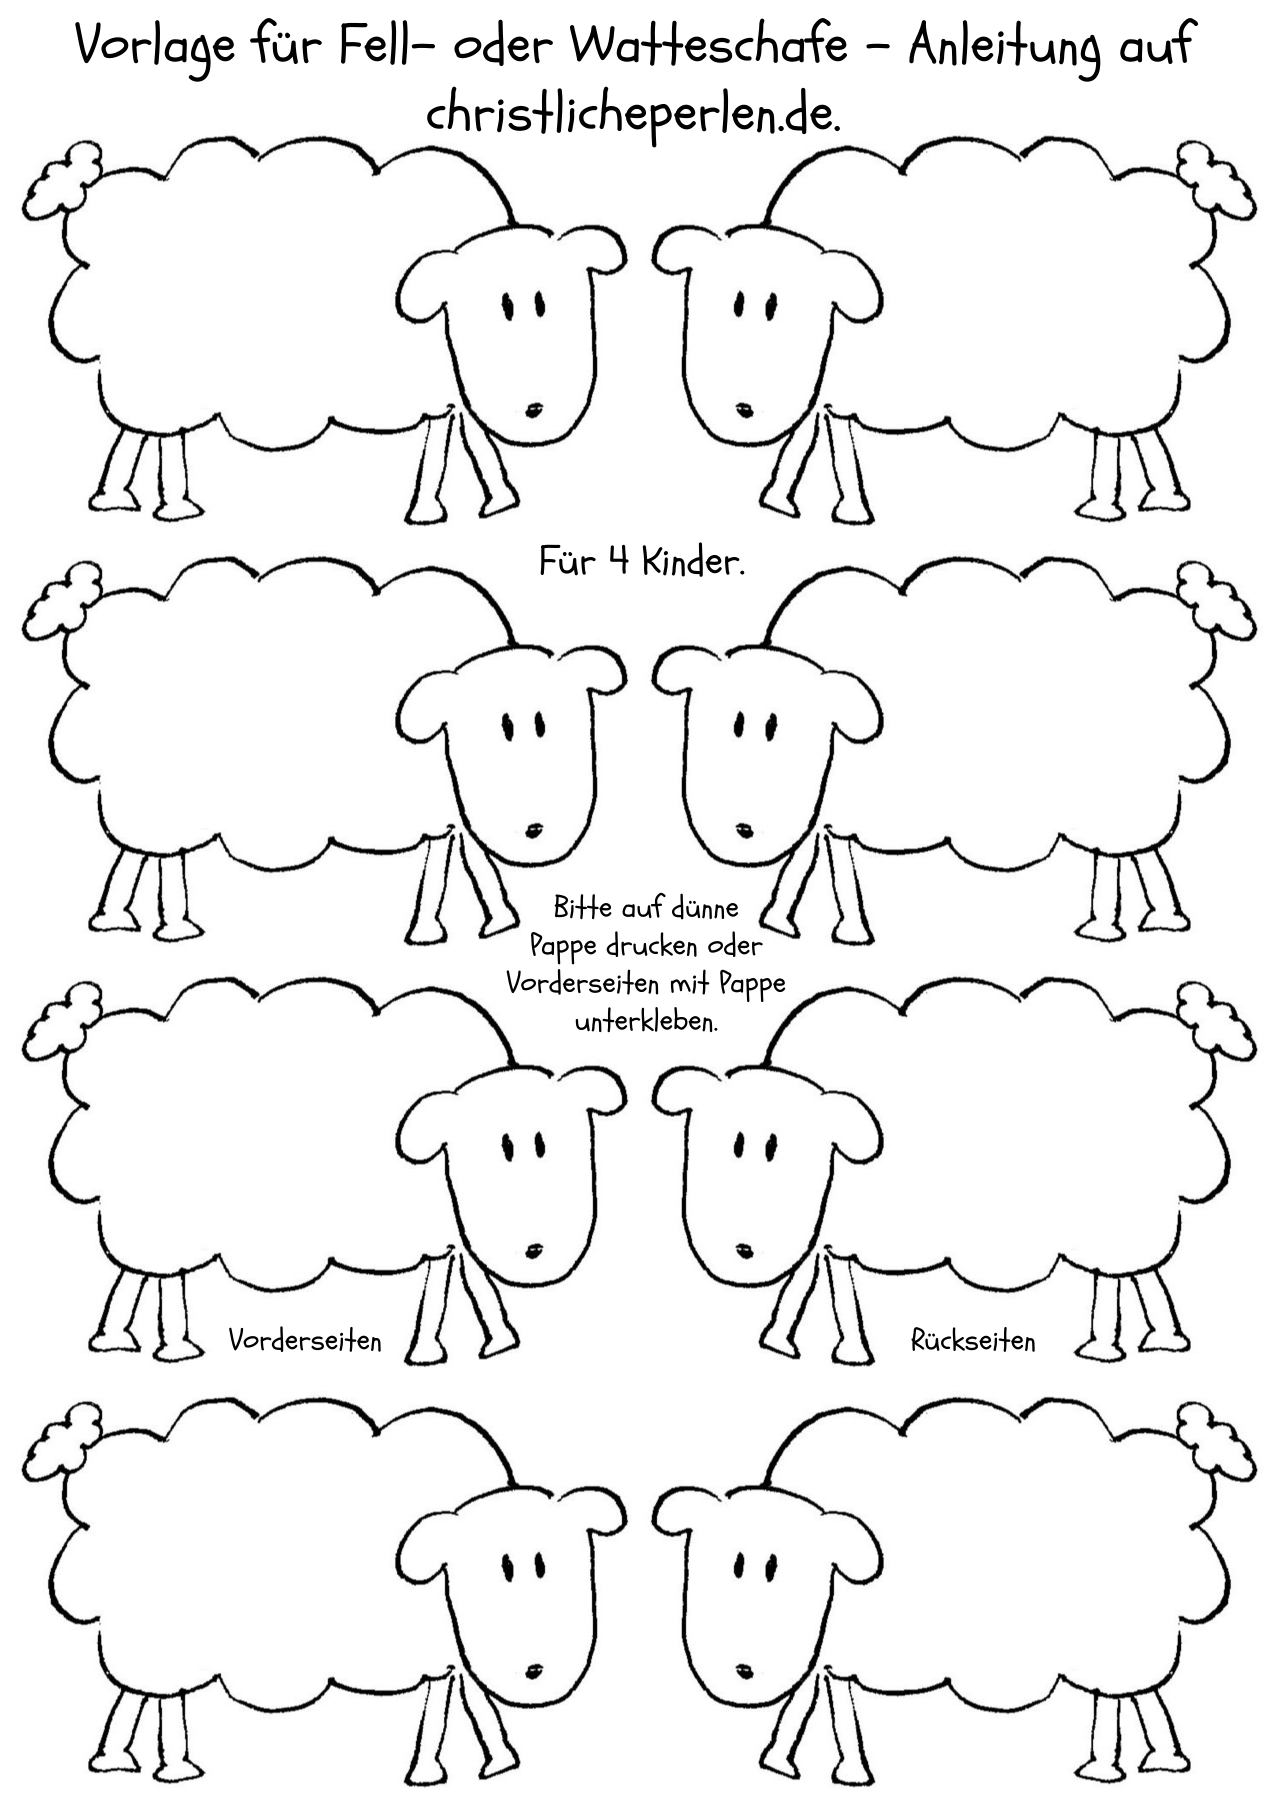 Groß Schafe Gesichtsmaske Vorlage Ideen - Entry Level Resume ...